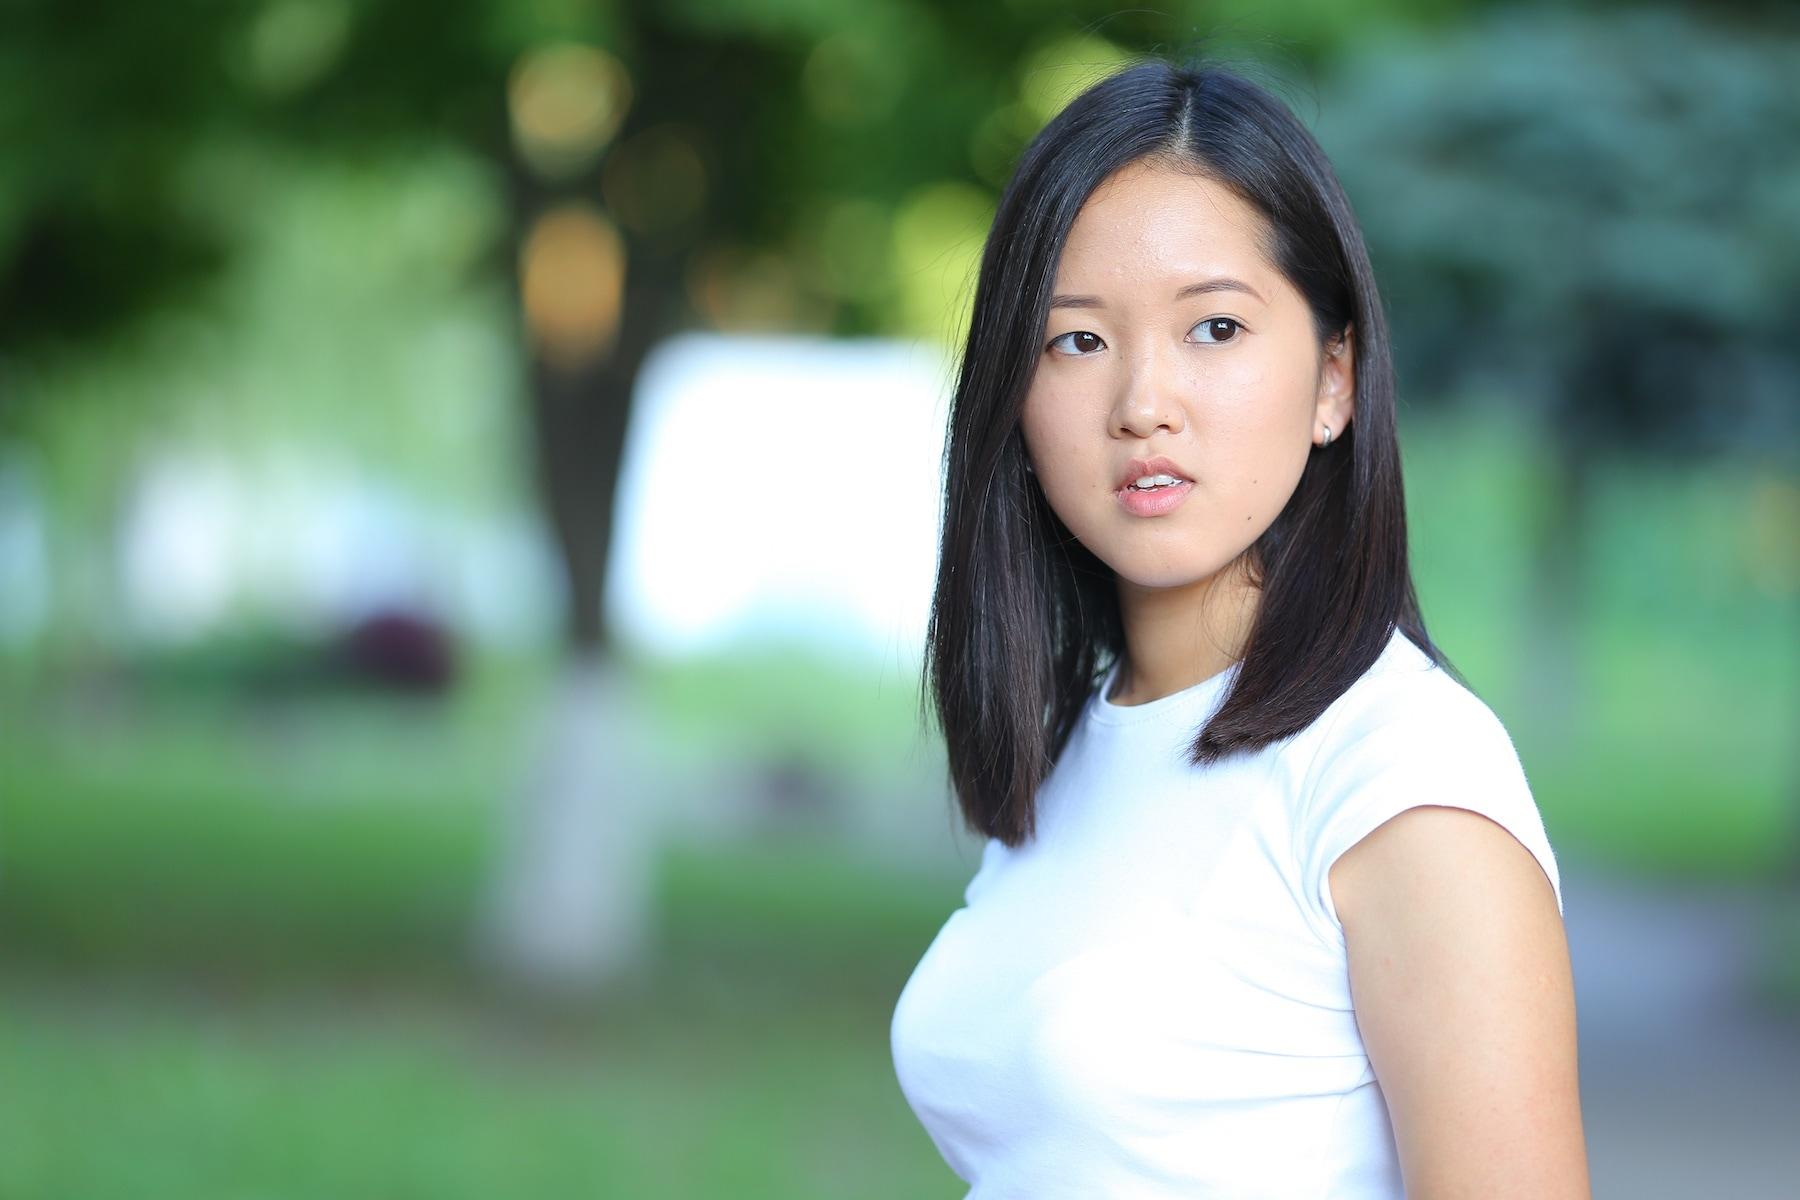 Gaya Rambut Untuk Wanita Kurus